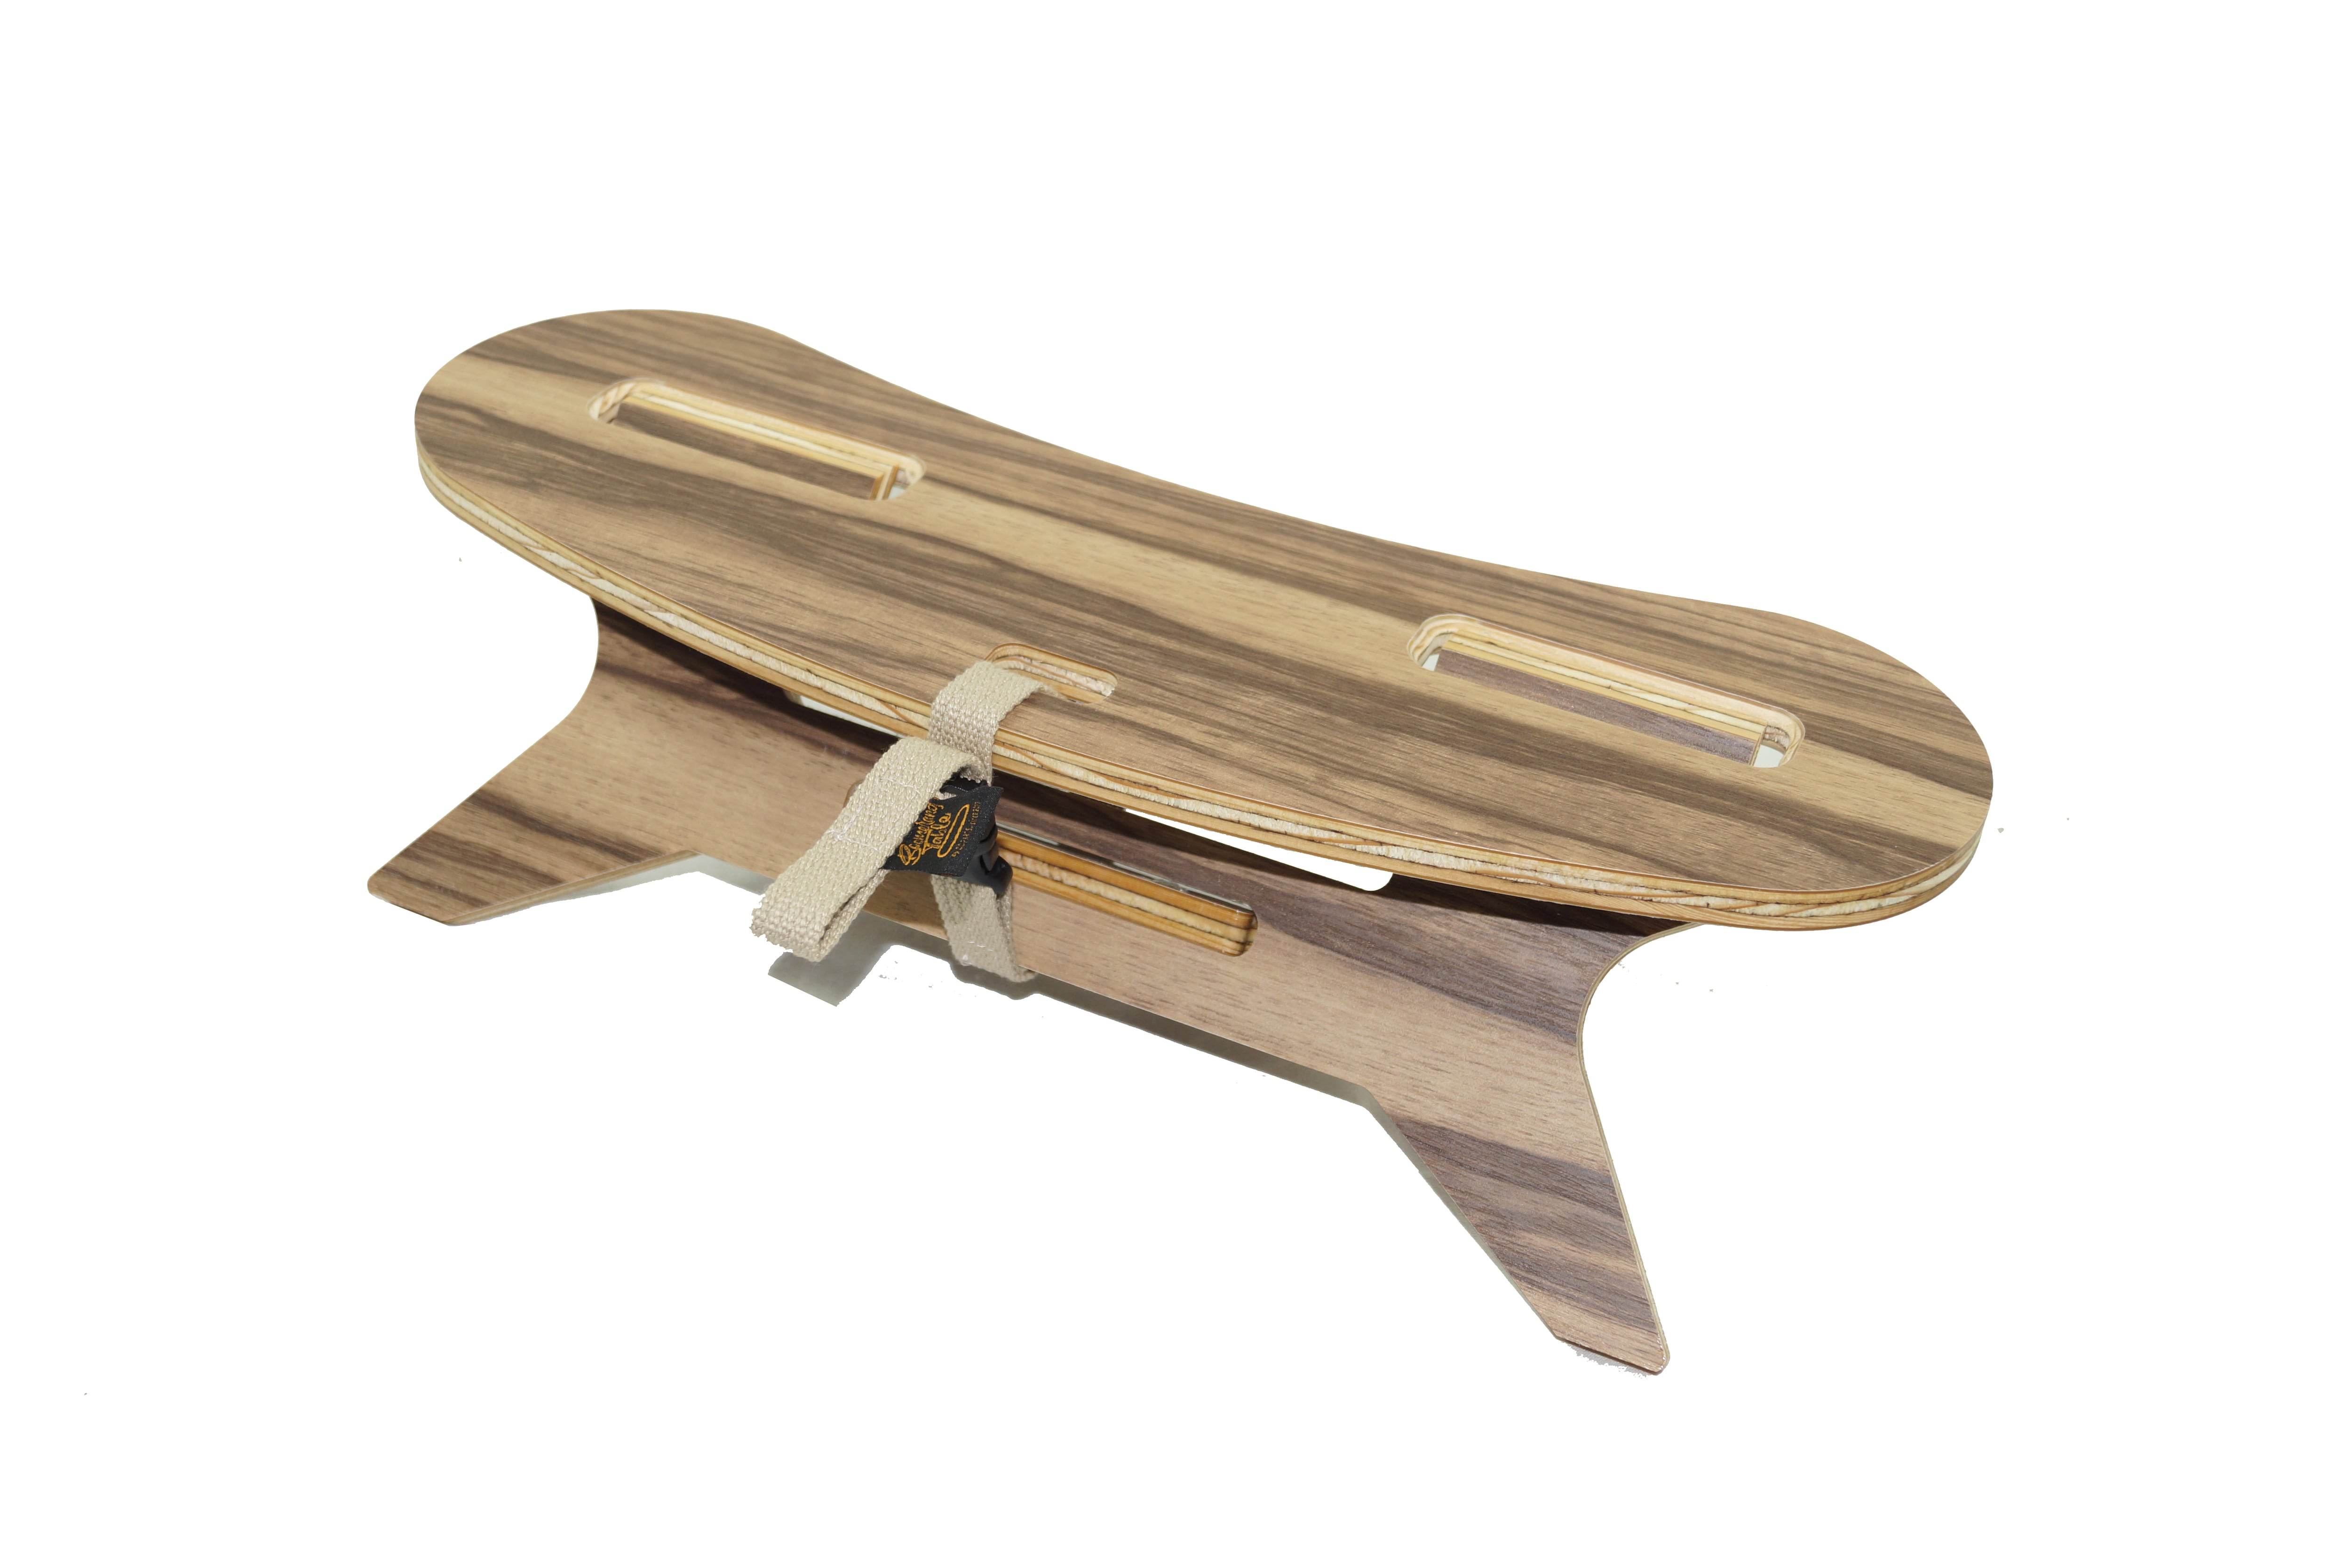 ブーメランテーブルMINI【MOUNTAIN】カラーウッド(メラミン天板)山にも持っていける軽量サイズ アウトドア テーブル